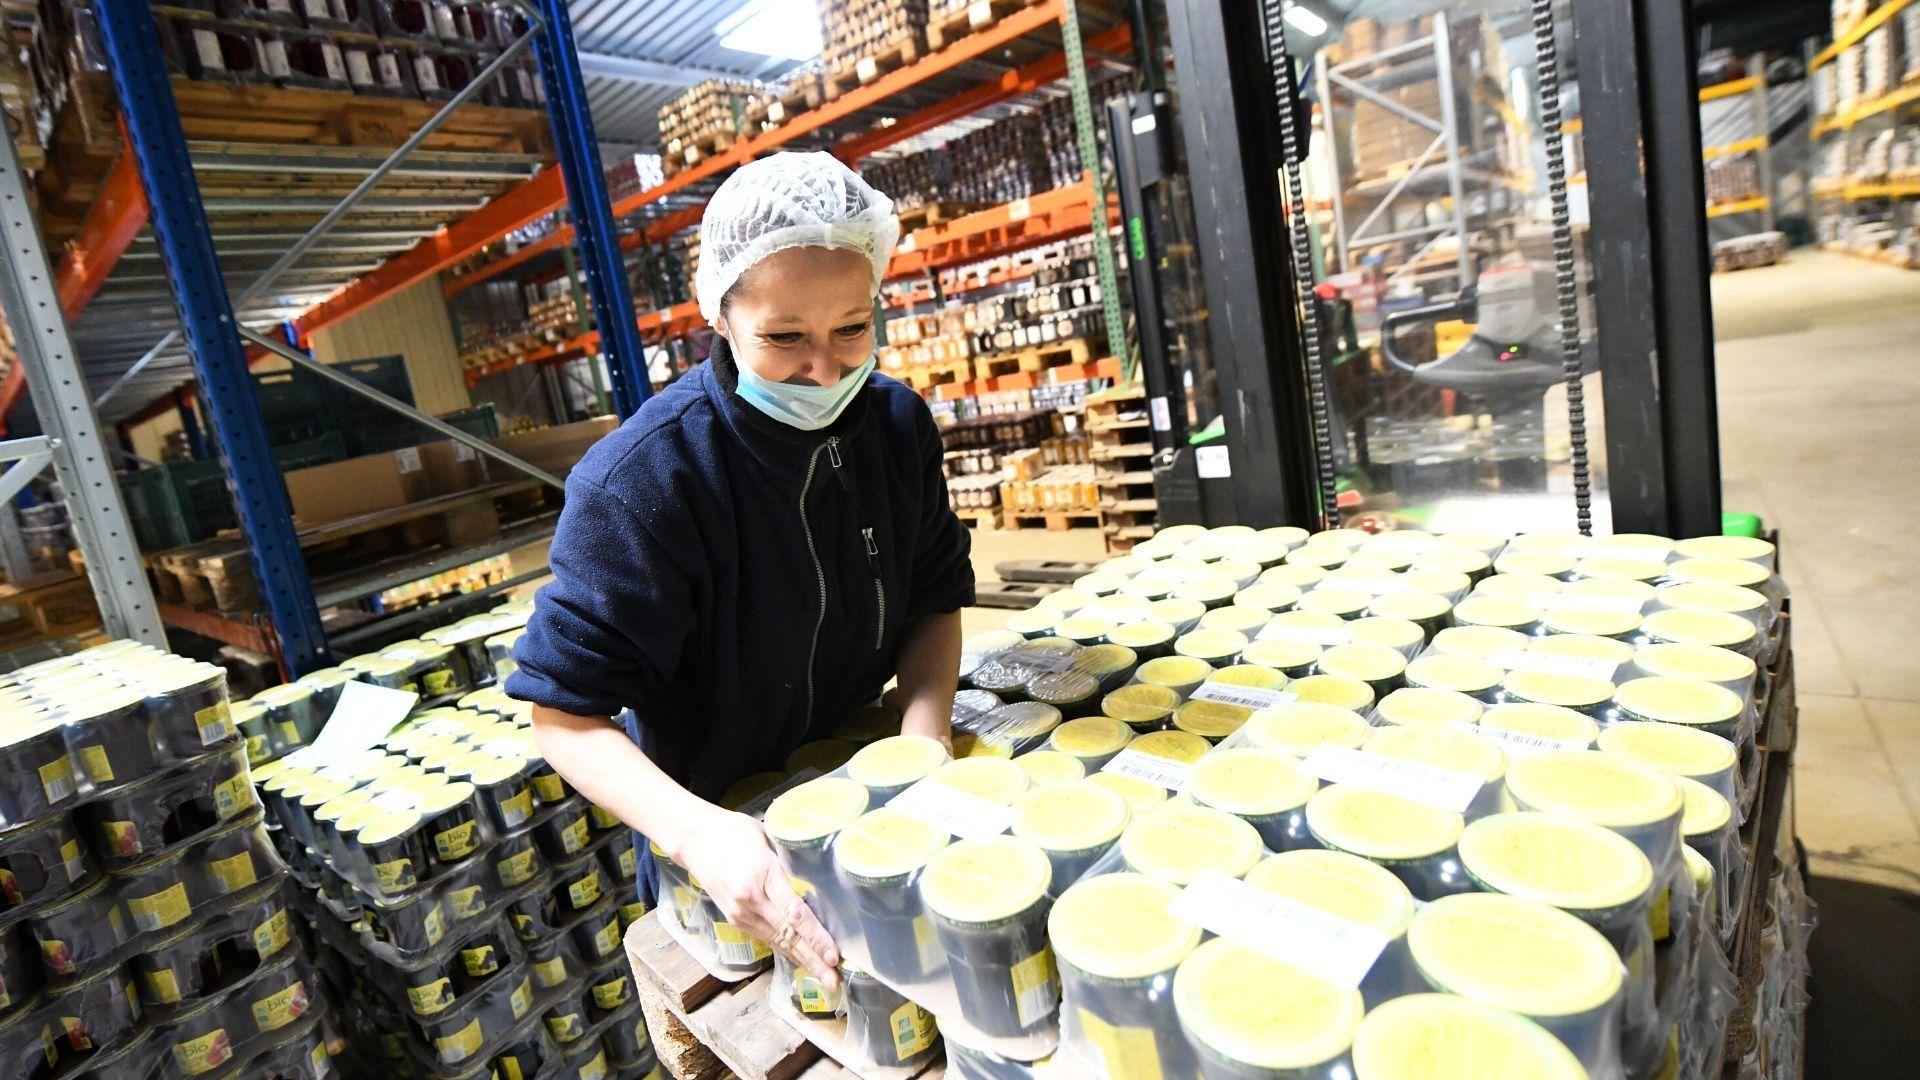 Pfastatt les confitures Beyer s'exportent à l'international : jusqu'à 50 employés en été